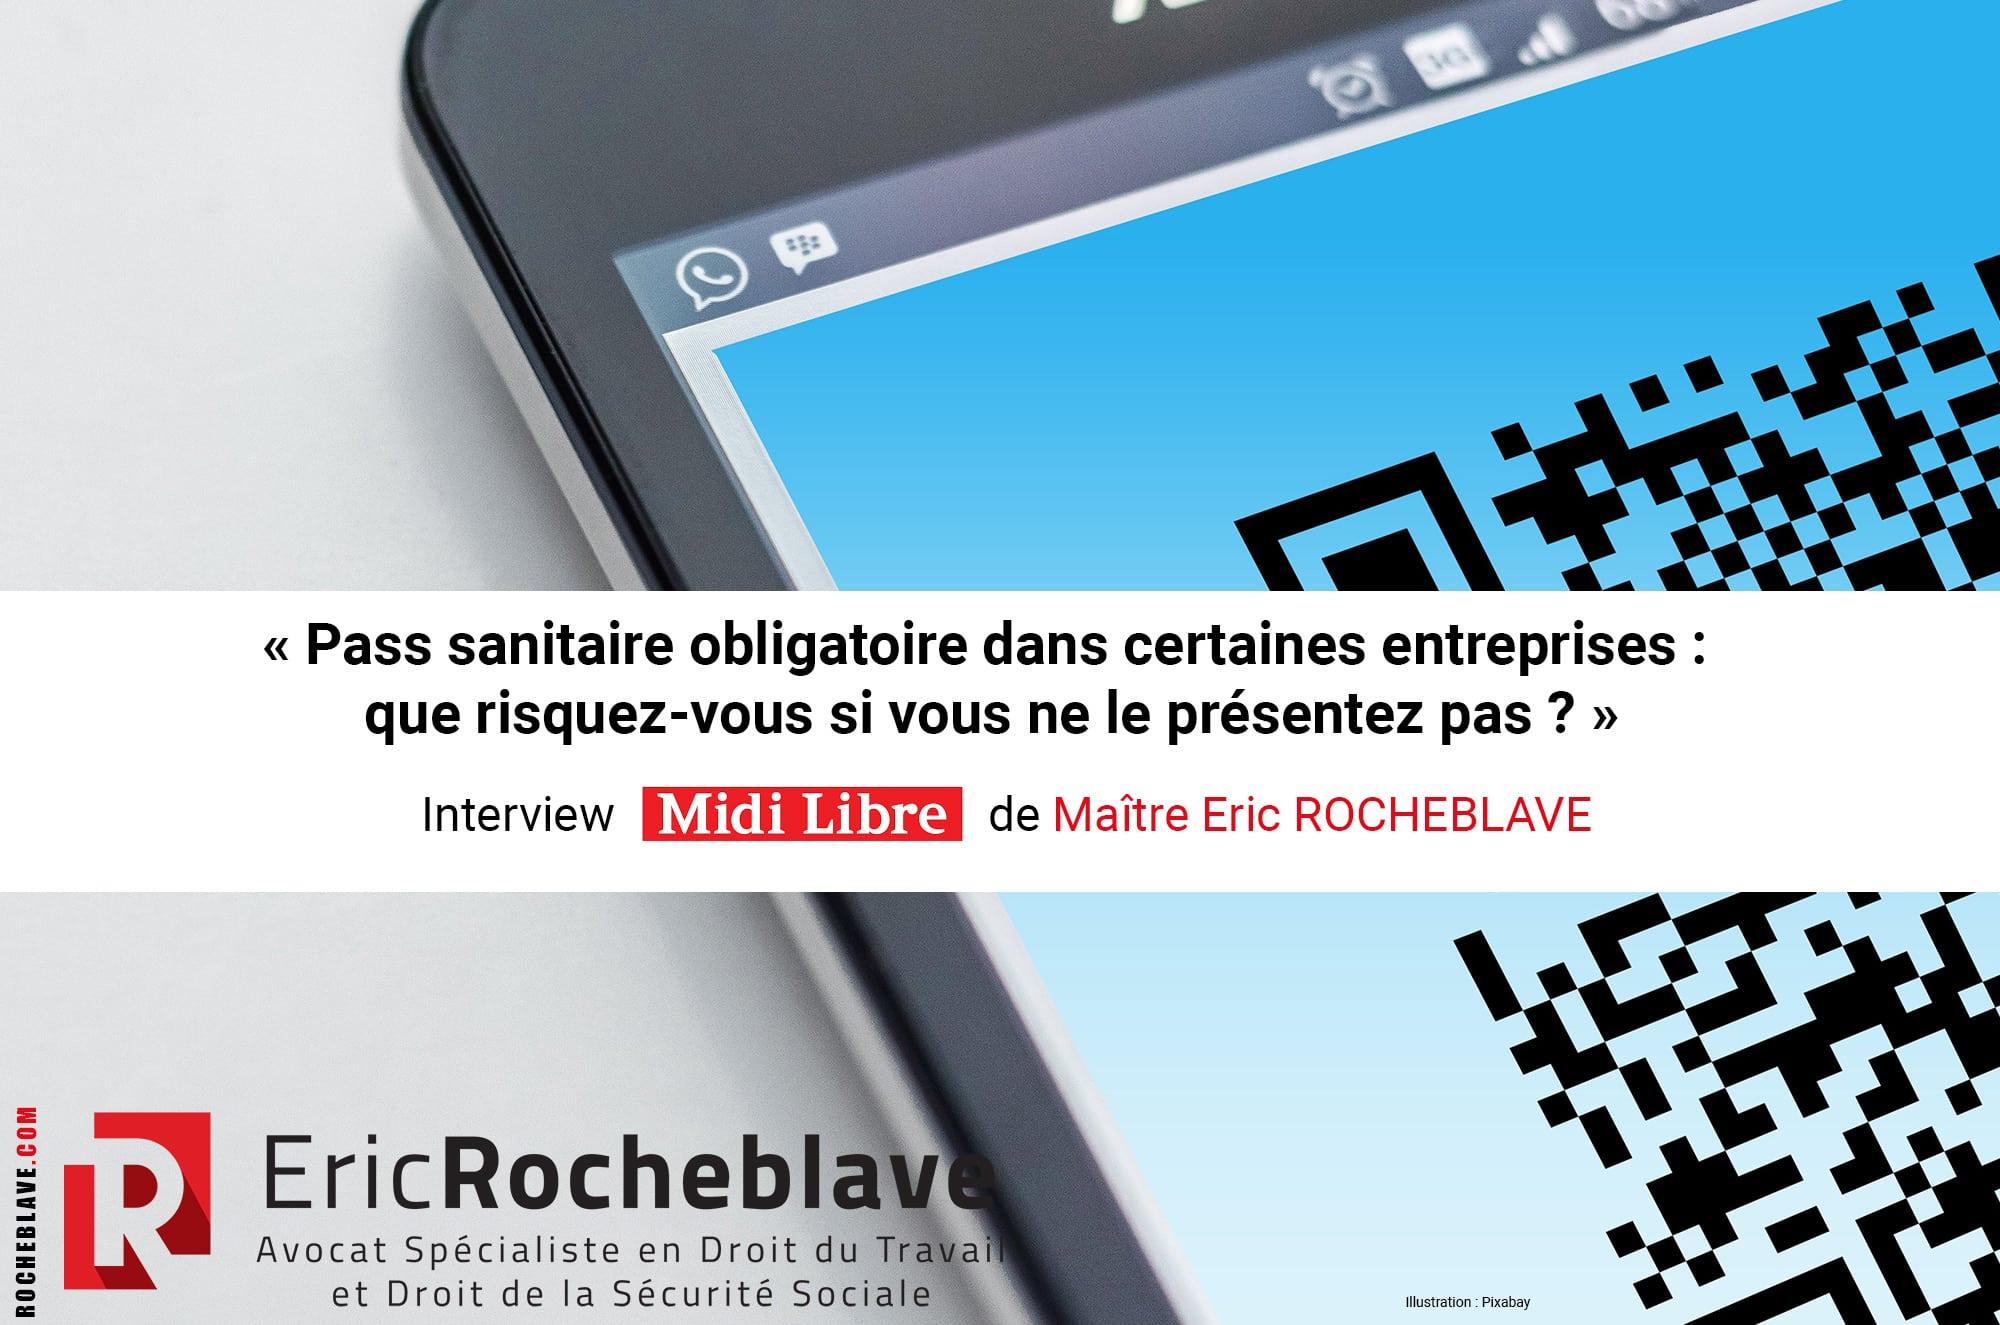 « Pass sanitaire obligatoire dans certaines entreprises : que risquez-vous si vous ne le présentez pas ? » Interview Midi Libre de Maître Eric ROCHEBLAVE